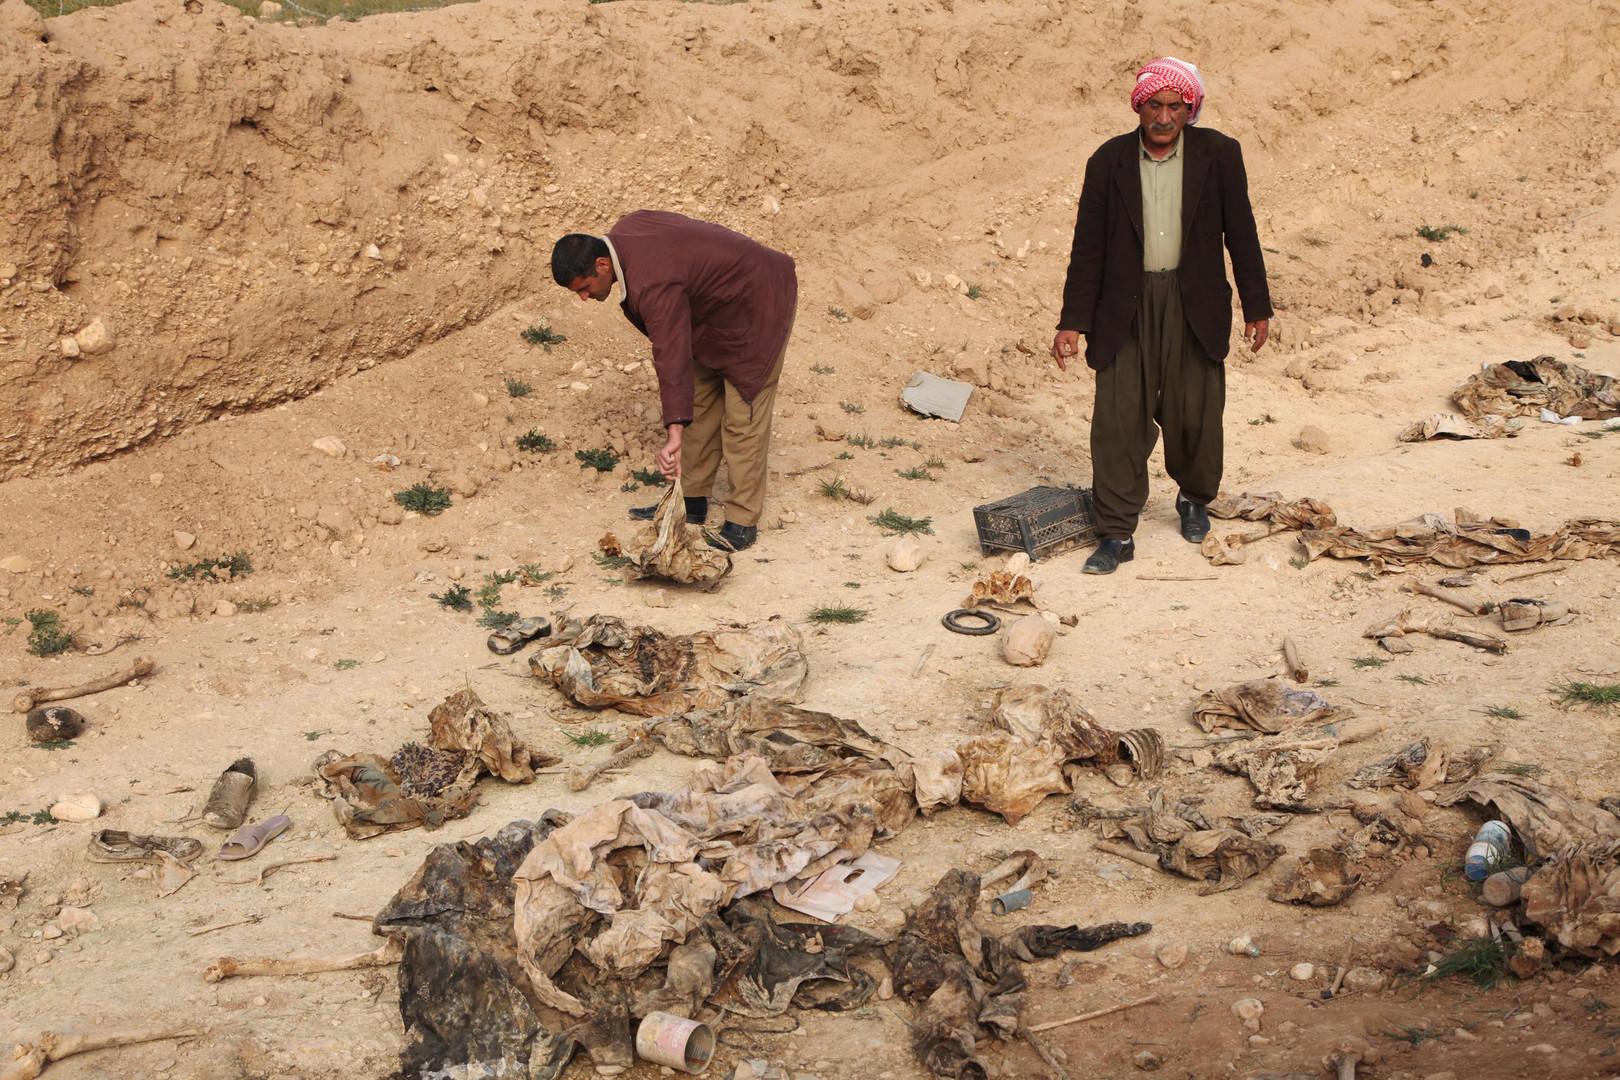 تزايد أعداد المقابر الجماعية في العراق